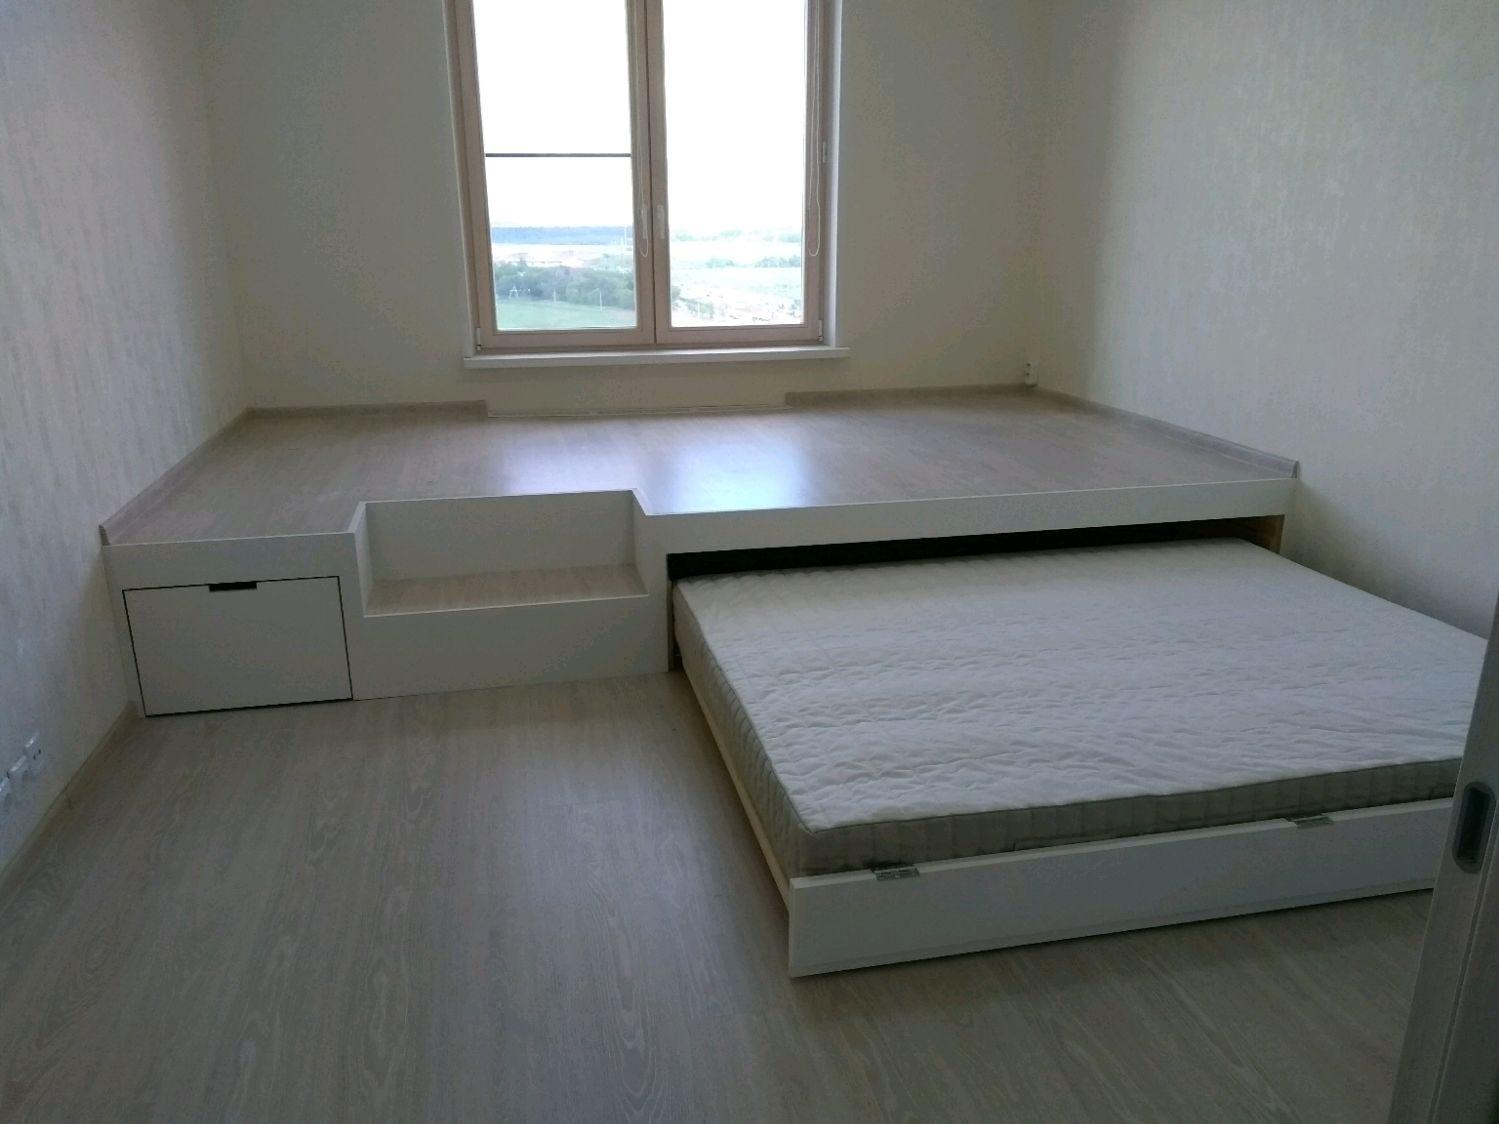 Кровать подиум выдвижная двуспальная